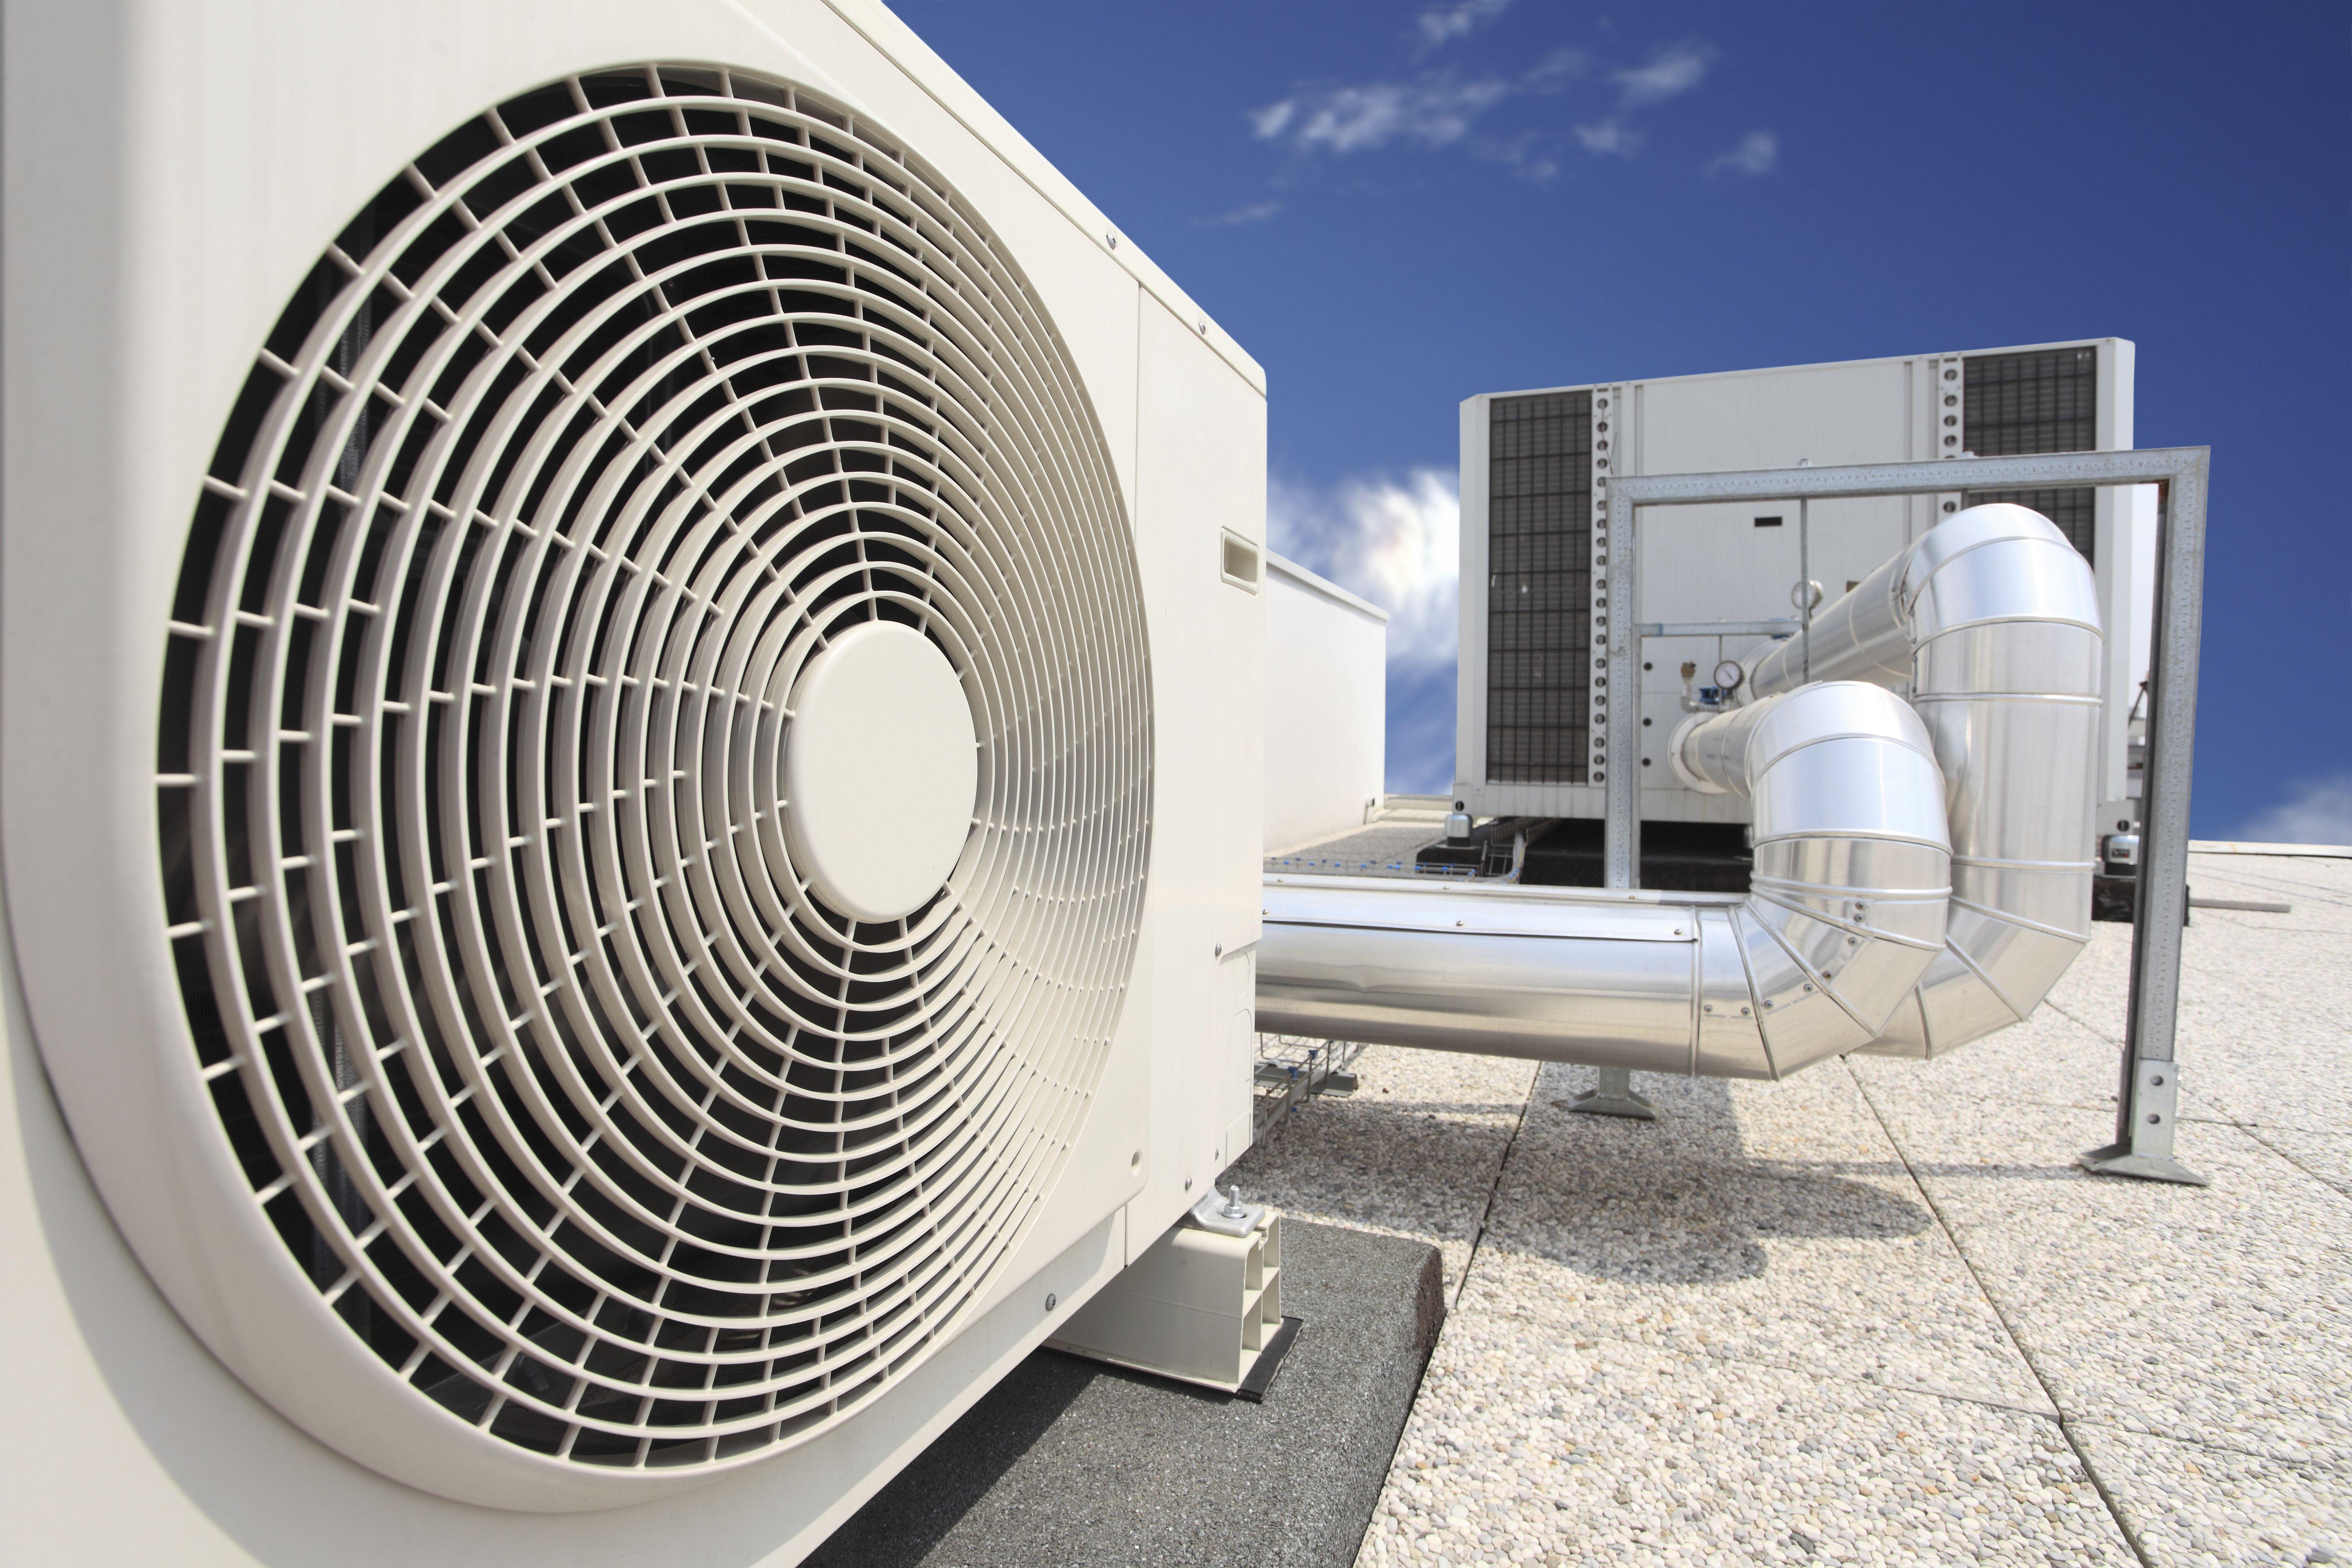 Instalación de sistemas de climatización industrial en Barcelona